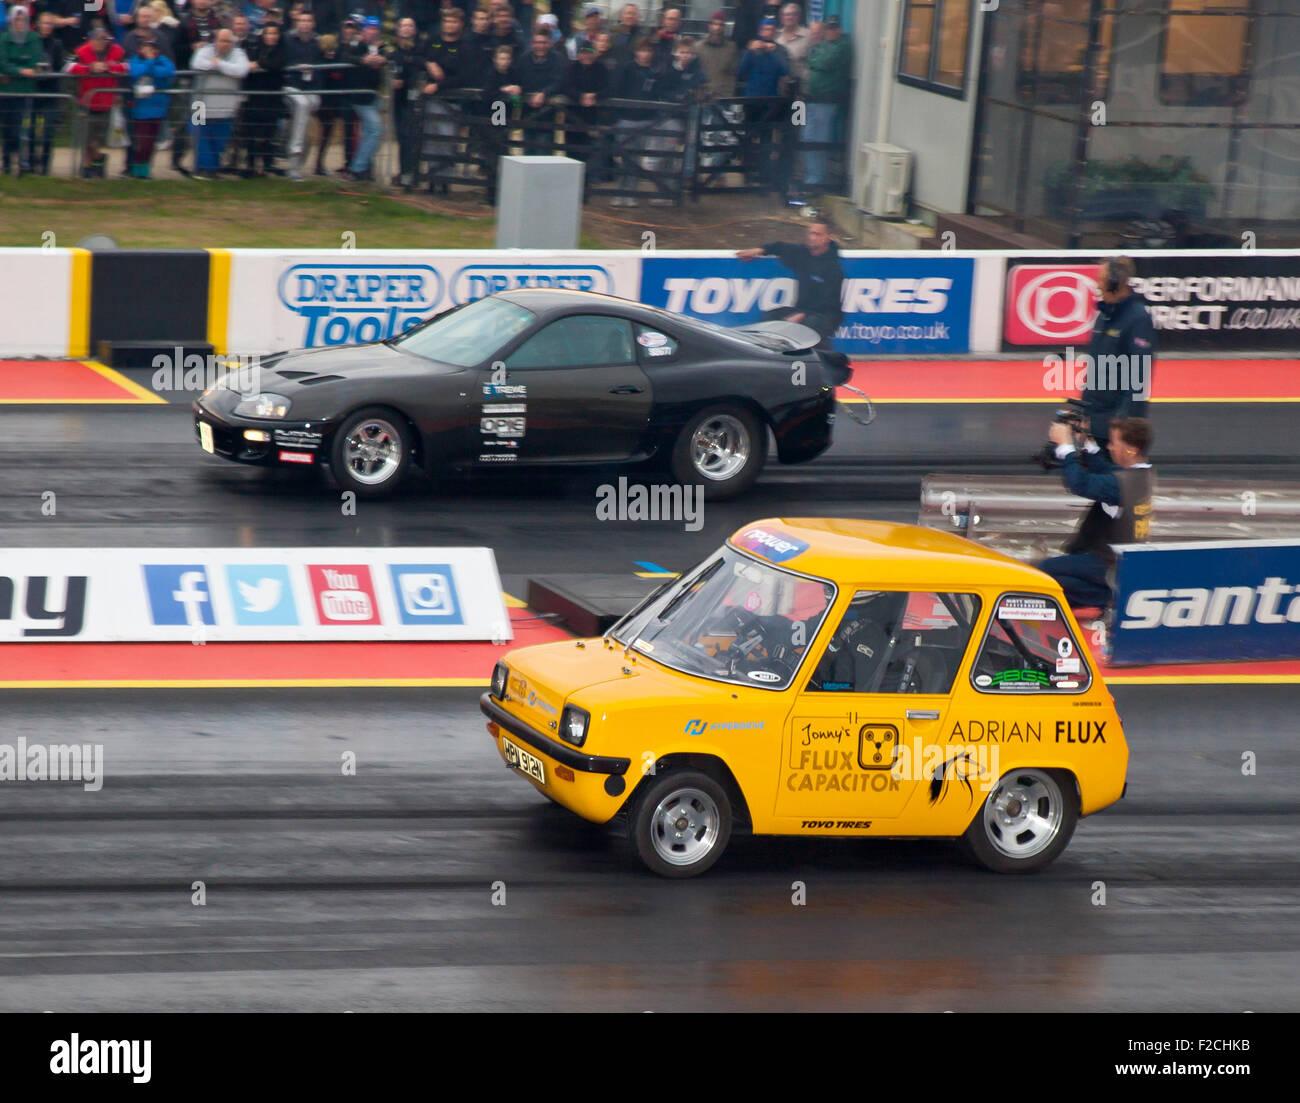 Auto elettrica drag racing nel Pro et classe a Santa Pod. Jonny Smith nearside guida un Enfield 8000. Immagini Stock